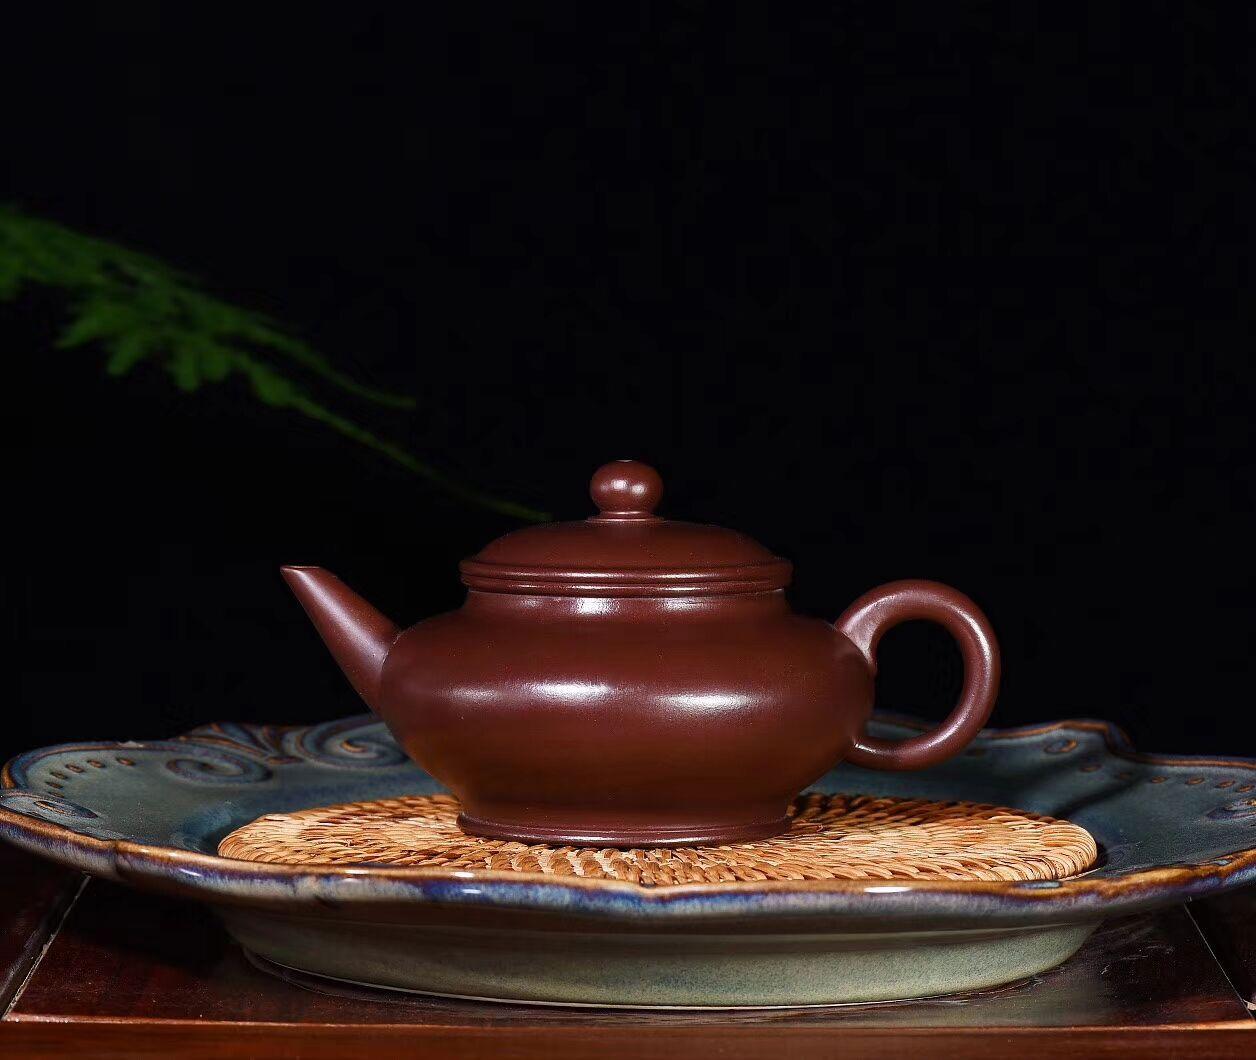 نقية اليدوية ، حقيقية ، الأصلي ، الأرجواني الزركونيوم الطين ، شو يانبيان إبريق الشاي الأفقي 240cc ، Yixing طقم شاي الكونغفو